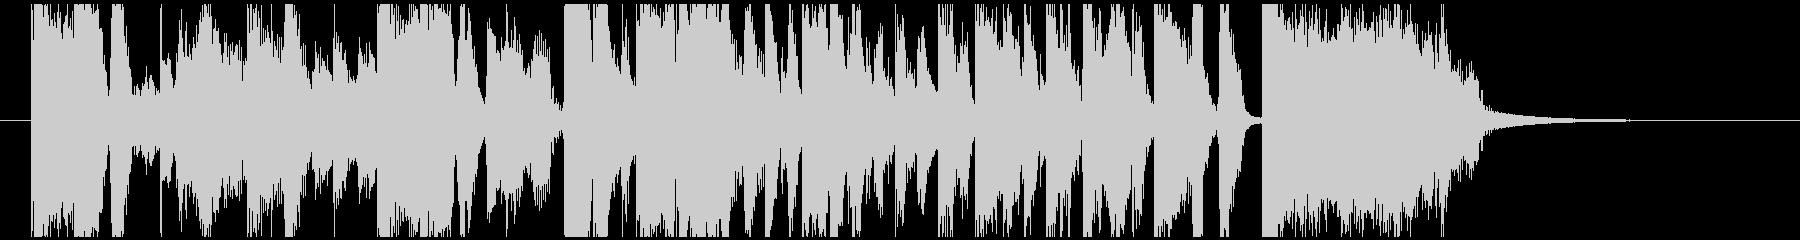 報道テレビ番組オープニング風 約20秒の未再生の波形